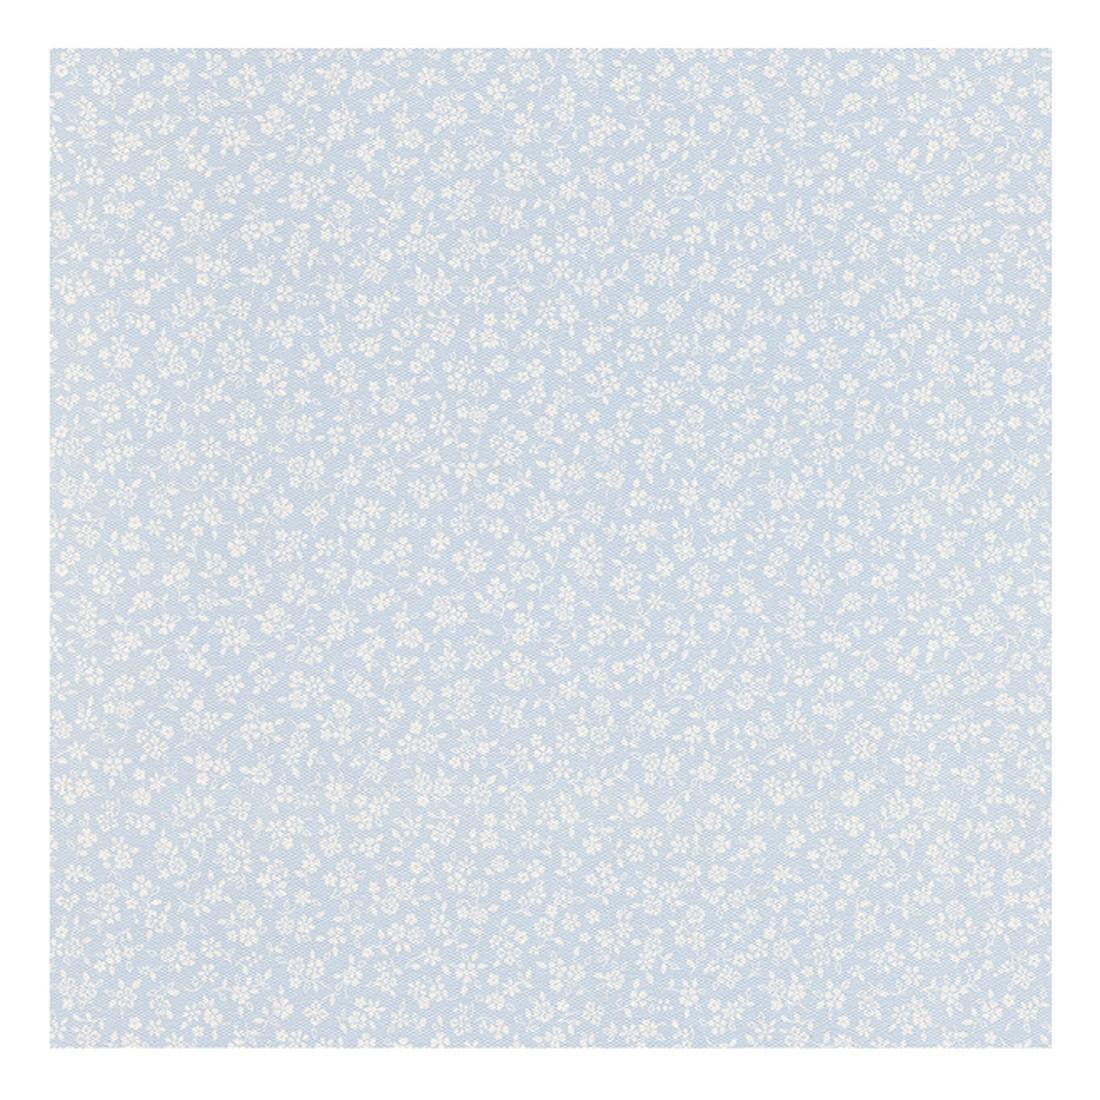 Tapete Fleuri Pastel – pastellblau, weiß – fein strukturiert, Home24Deko online kaufen